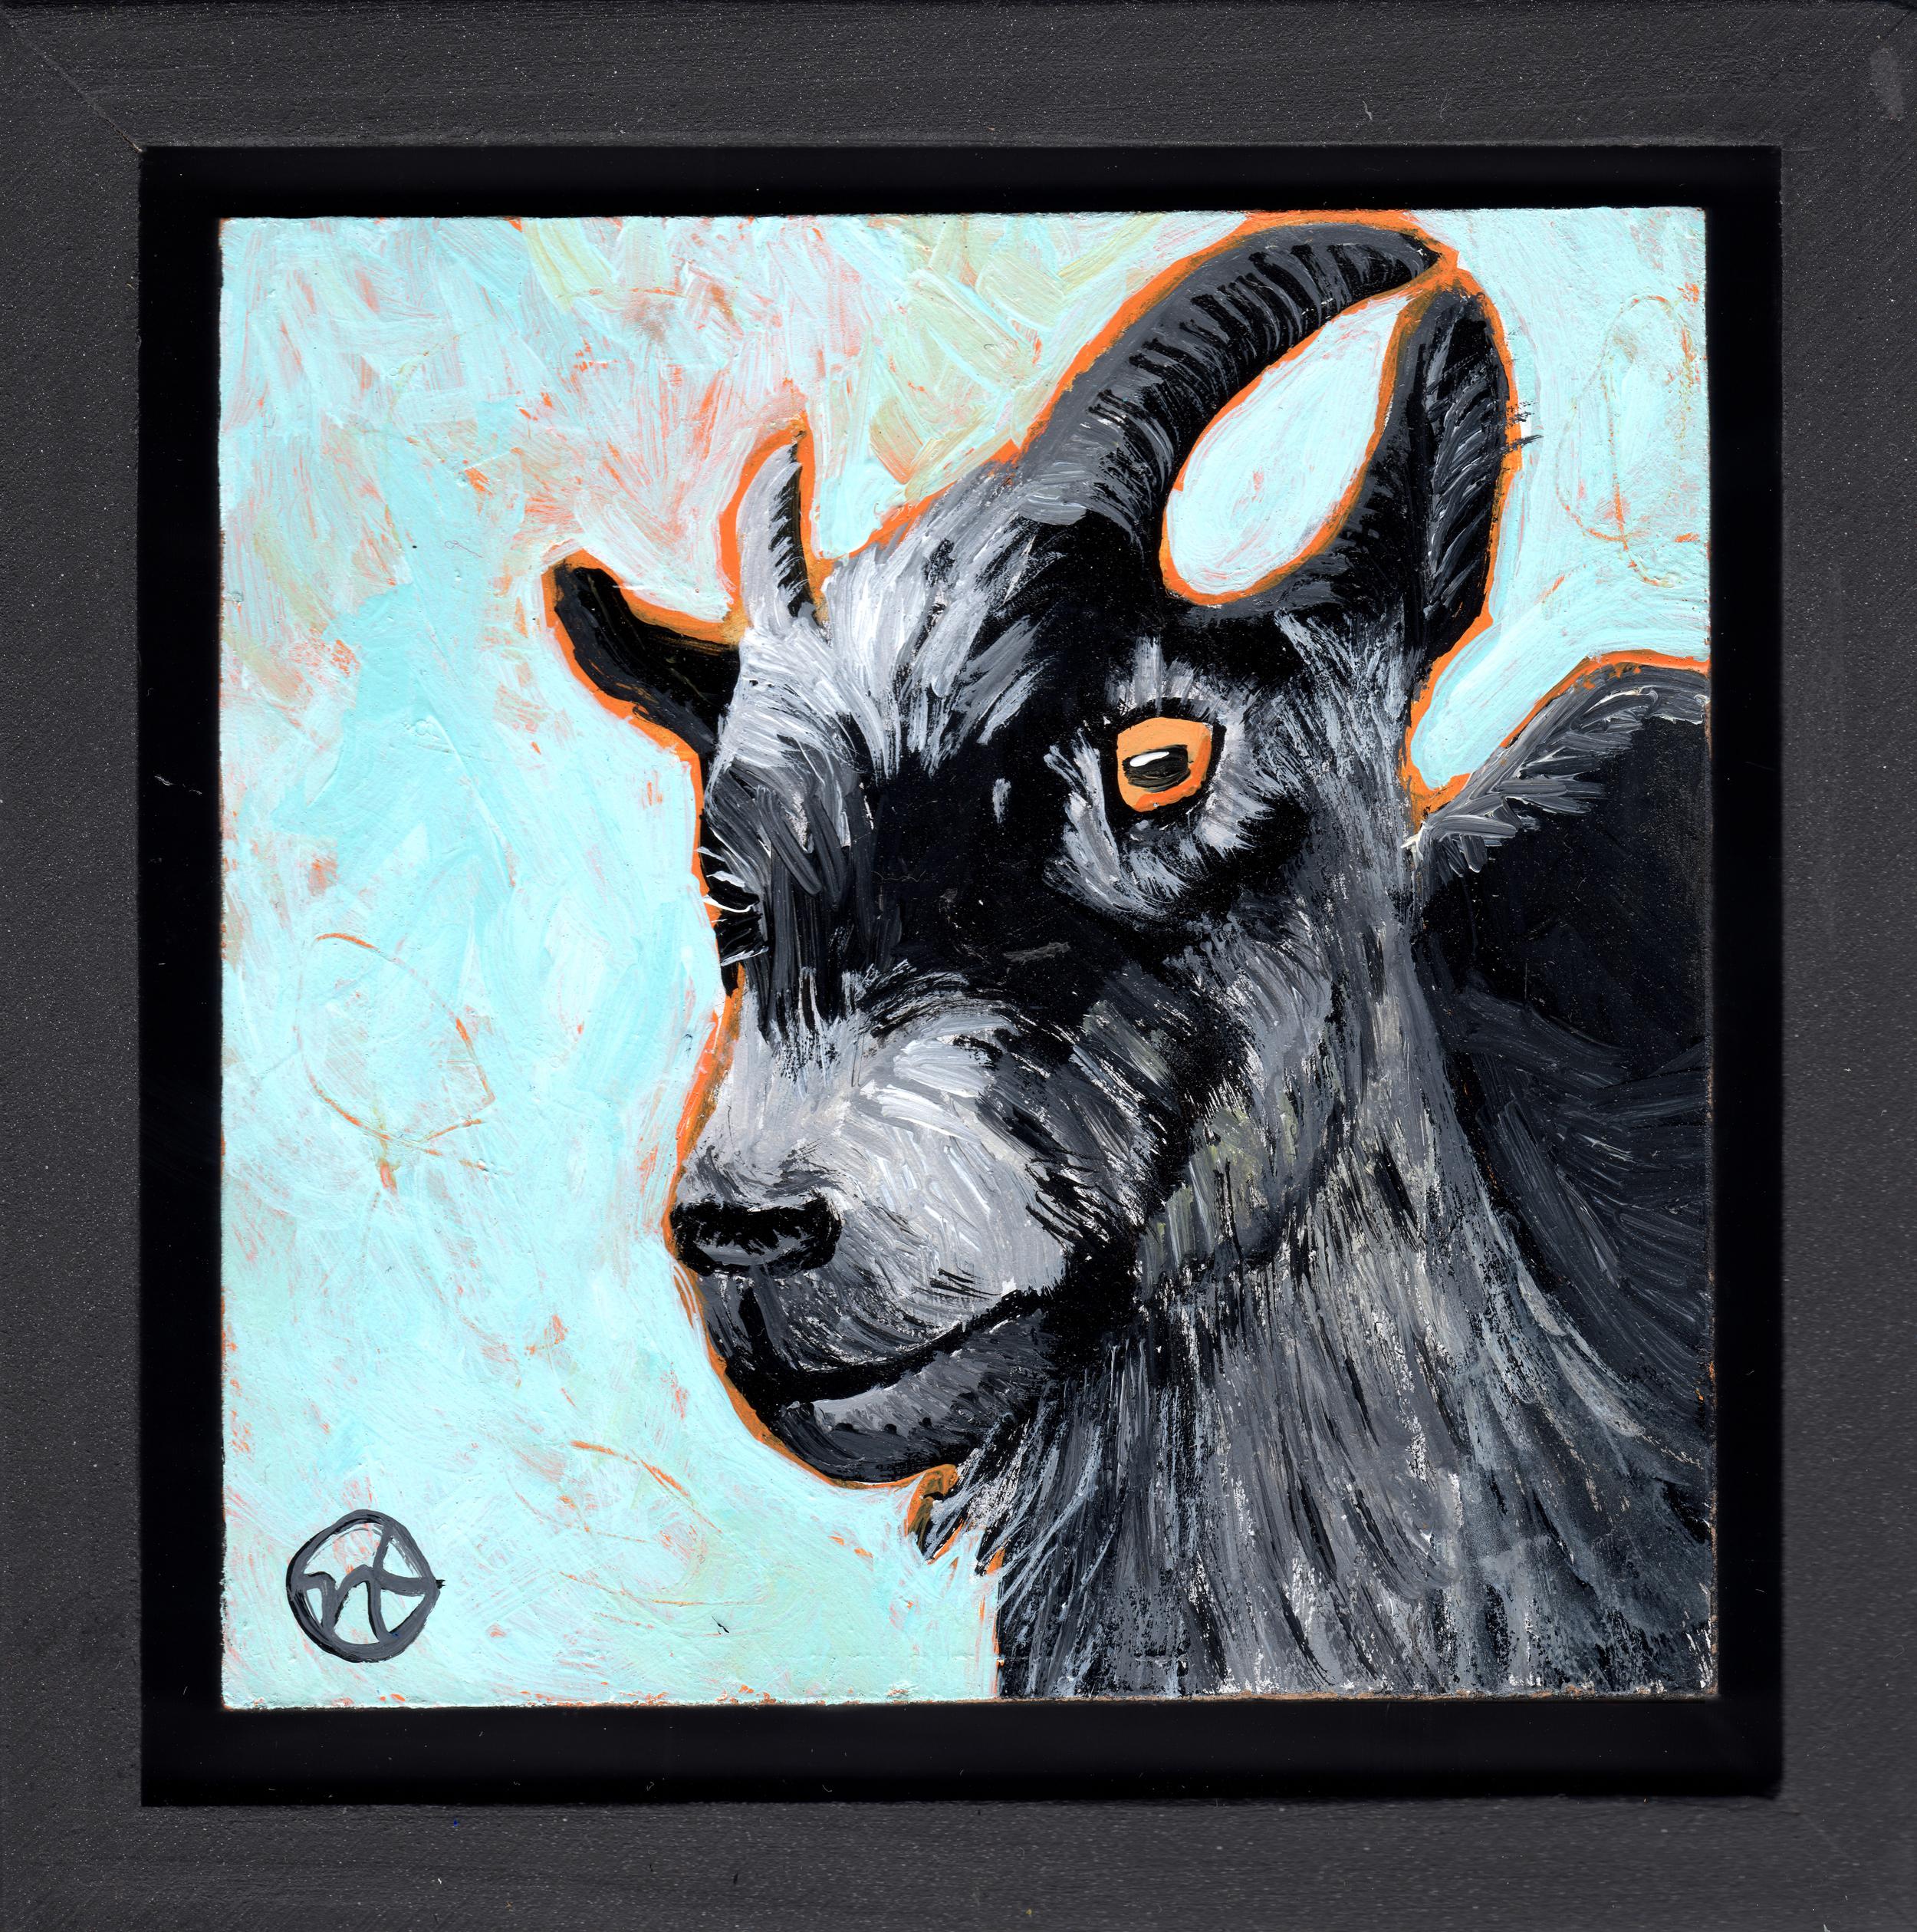 Untitled Goat